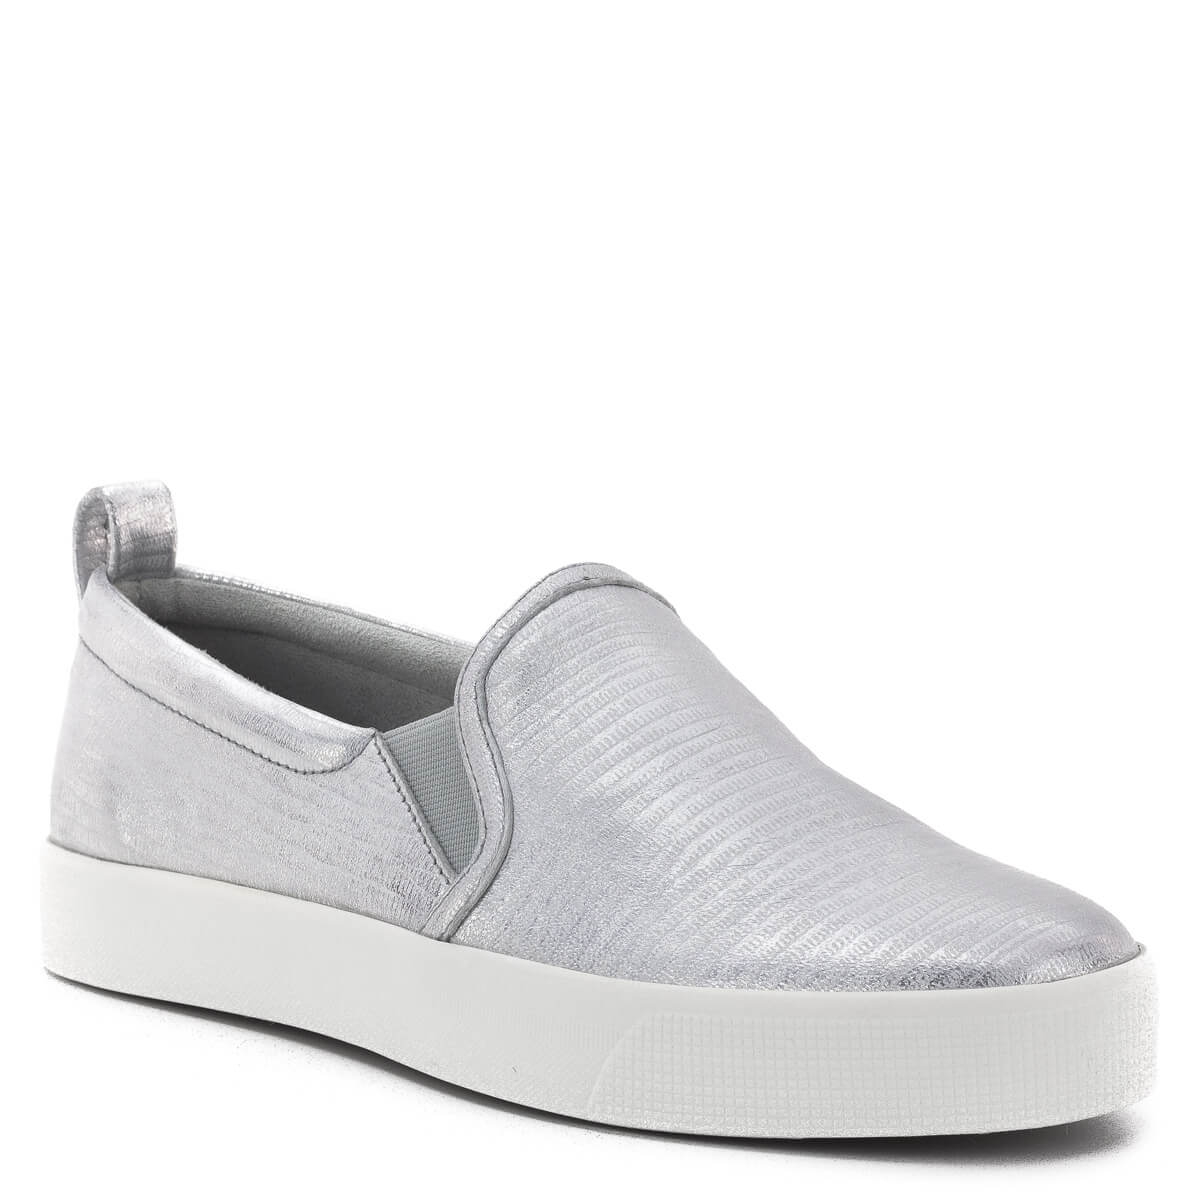 klare Textur akribische Färbeprozesse attraktive Designs Caprice cipő - Ezüst Caprice bőr cipő - Caprice 9-24201-22 949